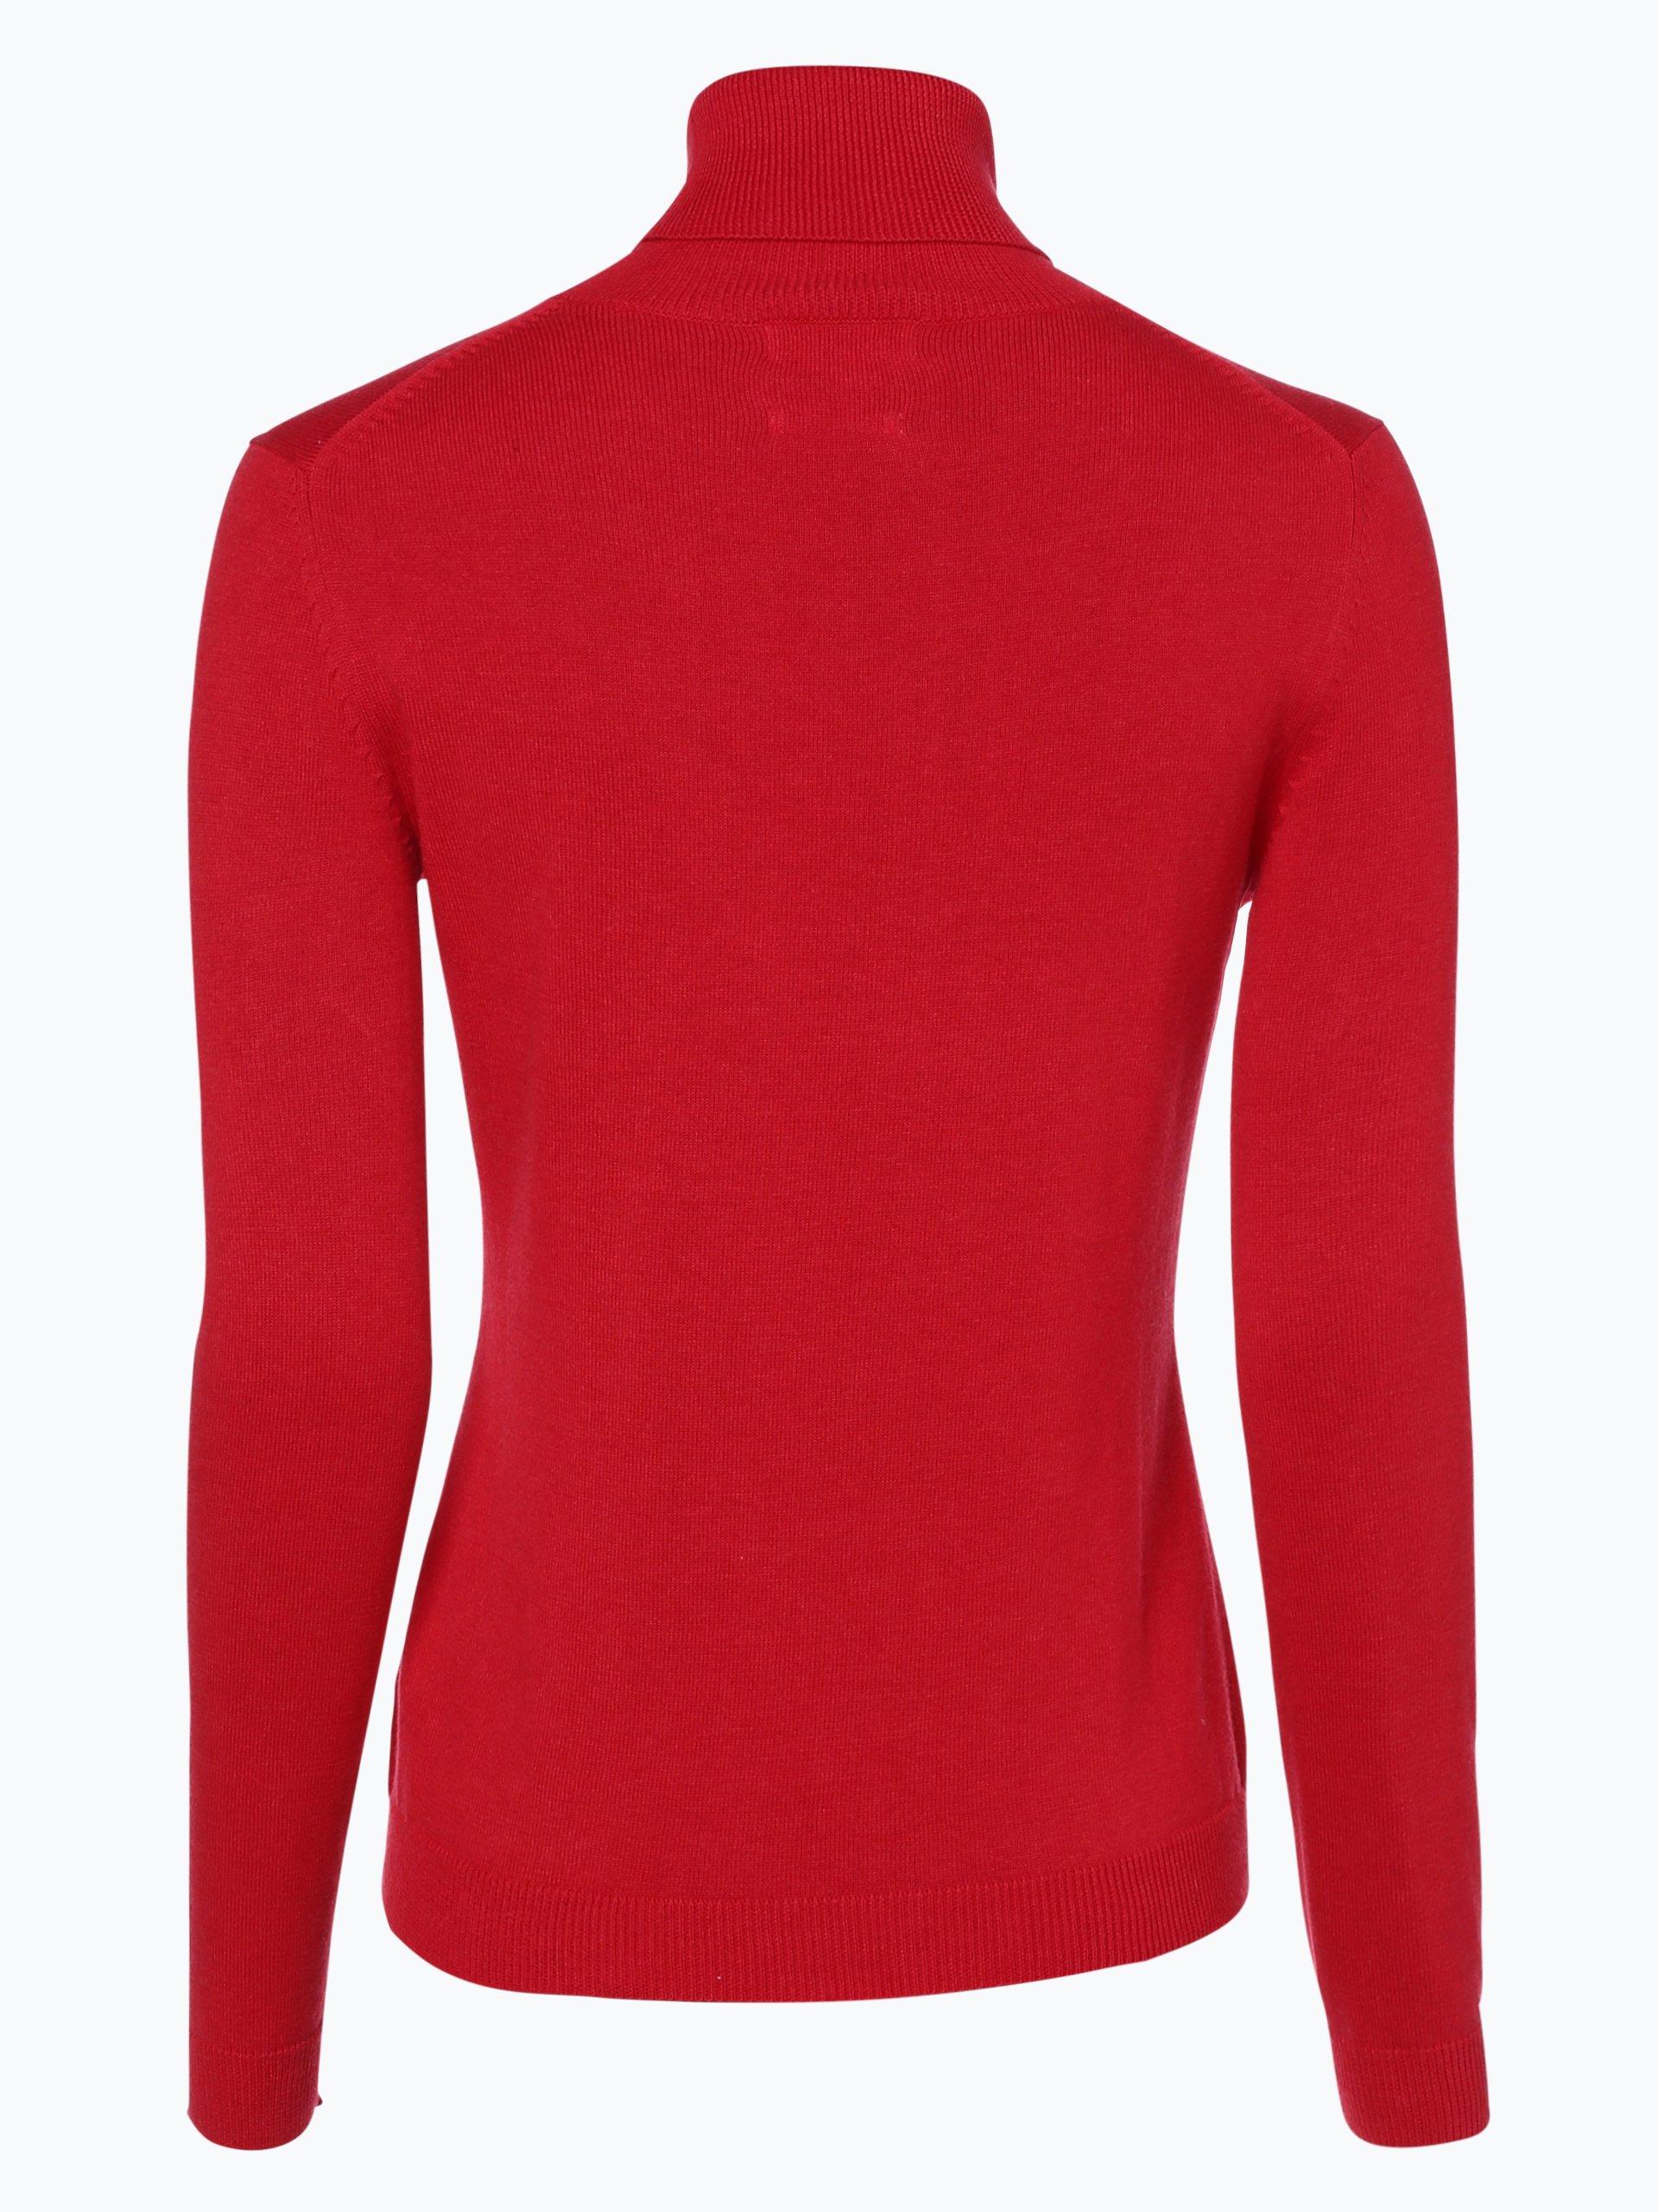 brookshire damen pullover rot uni online kaufen vangraaf com. Black Bedroom Furniture Sets. Home Design Ideas